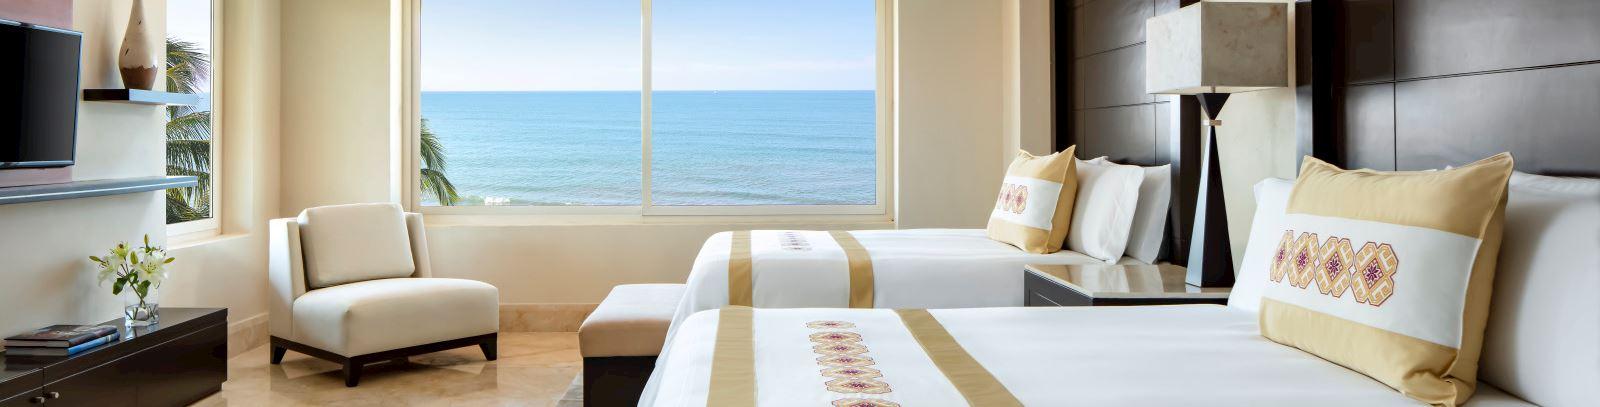 Suites en Grand Velas Riviera Nayarit, México